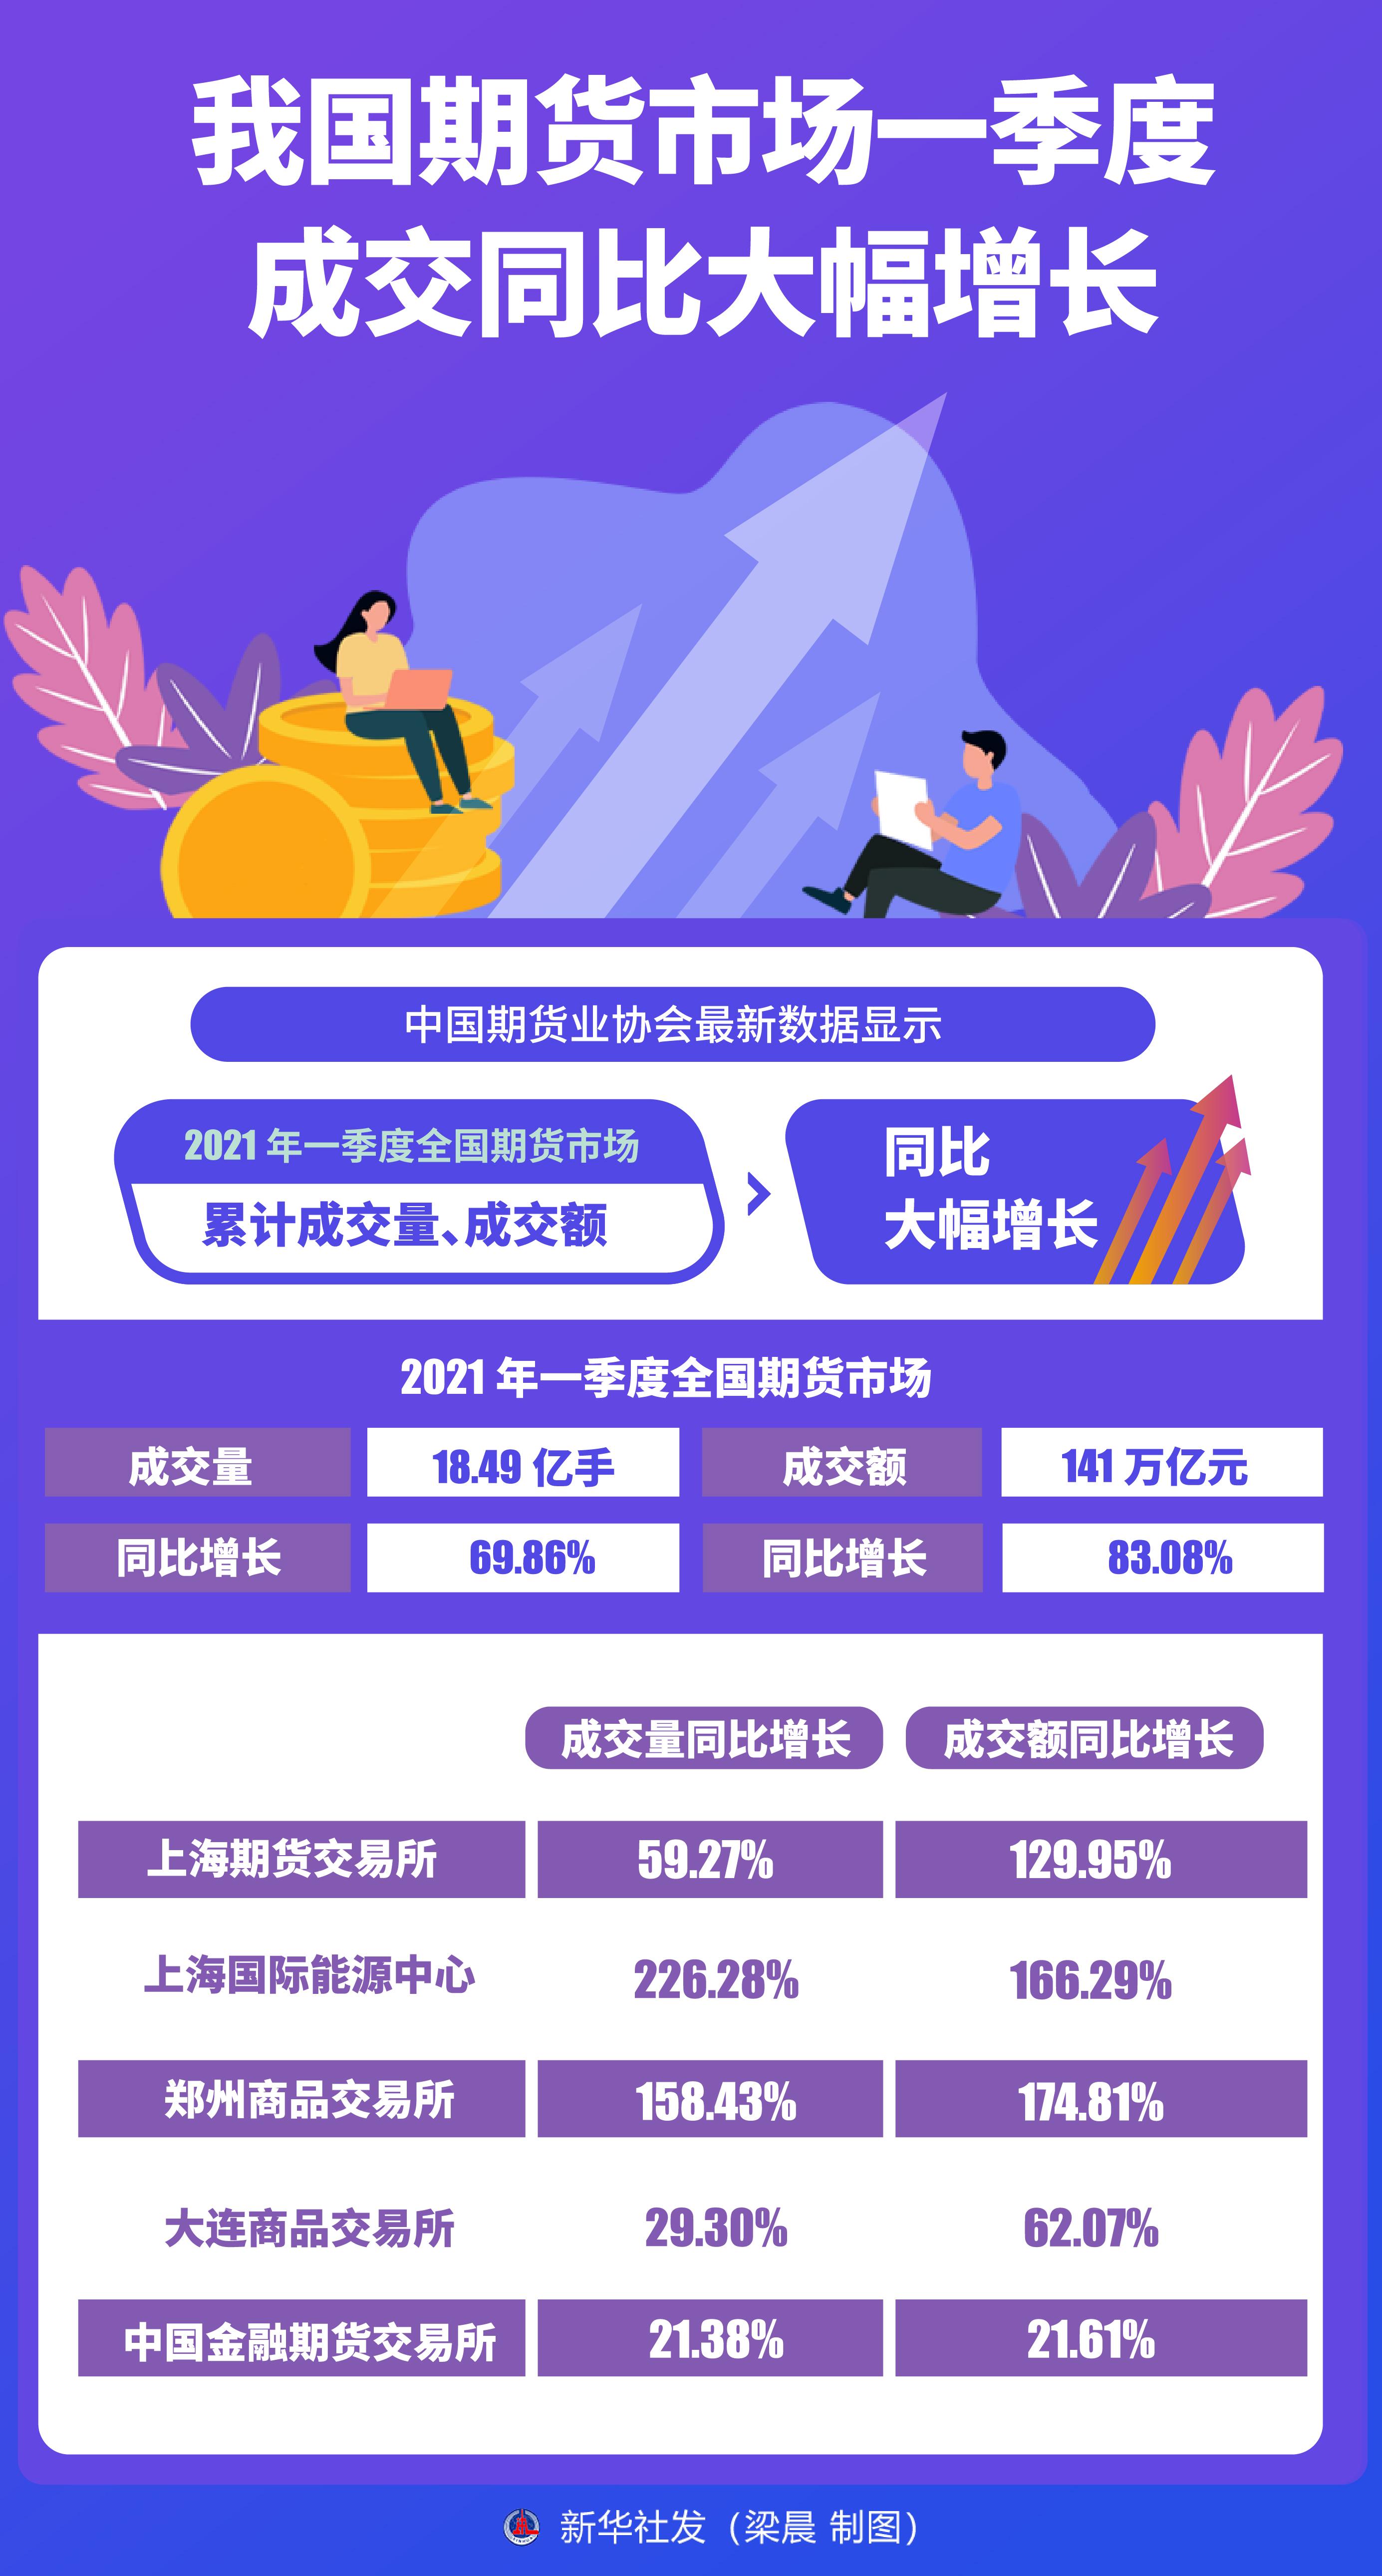 【财经】中国期货市场一季度成交量同比大幅增长